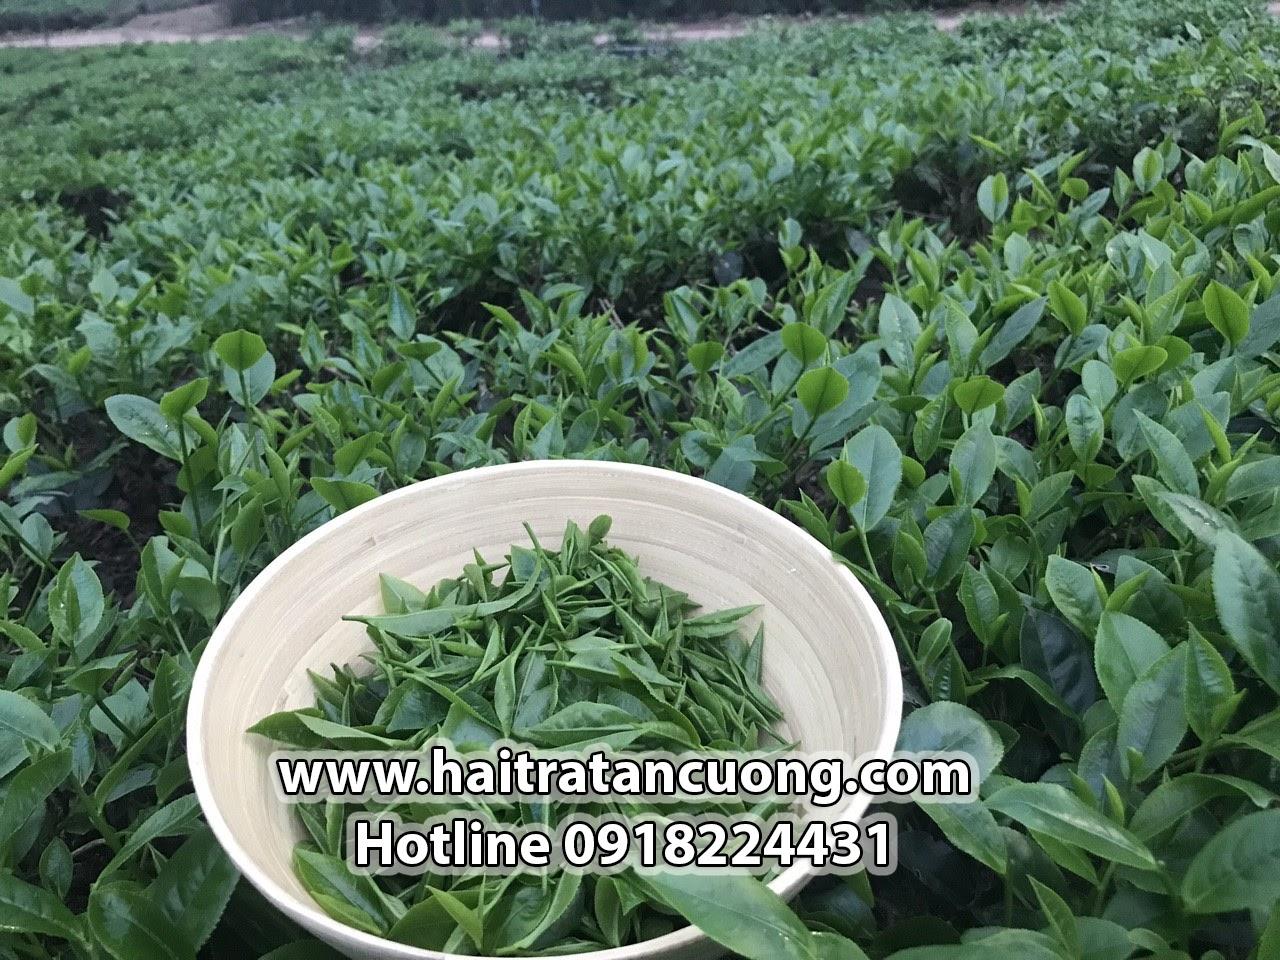 Chè Tân Cương Thái Nguyên - Thổi hồn thức uống truyền thống Việt